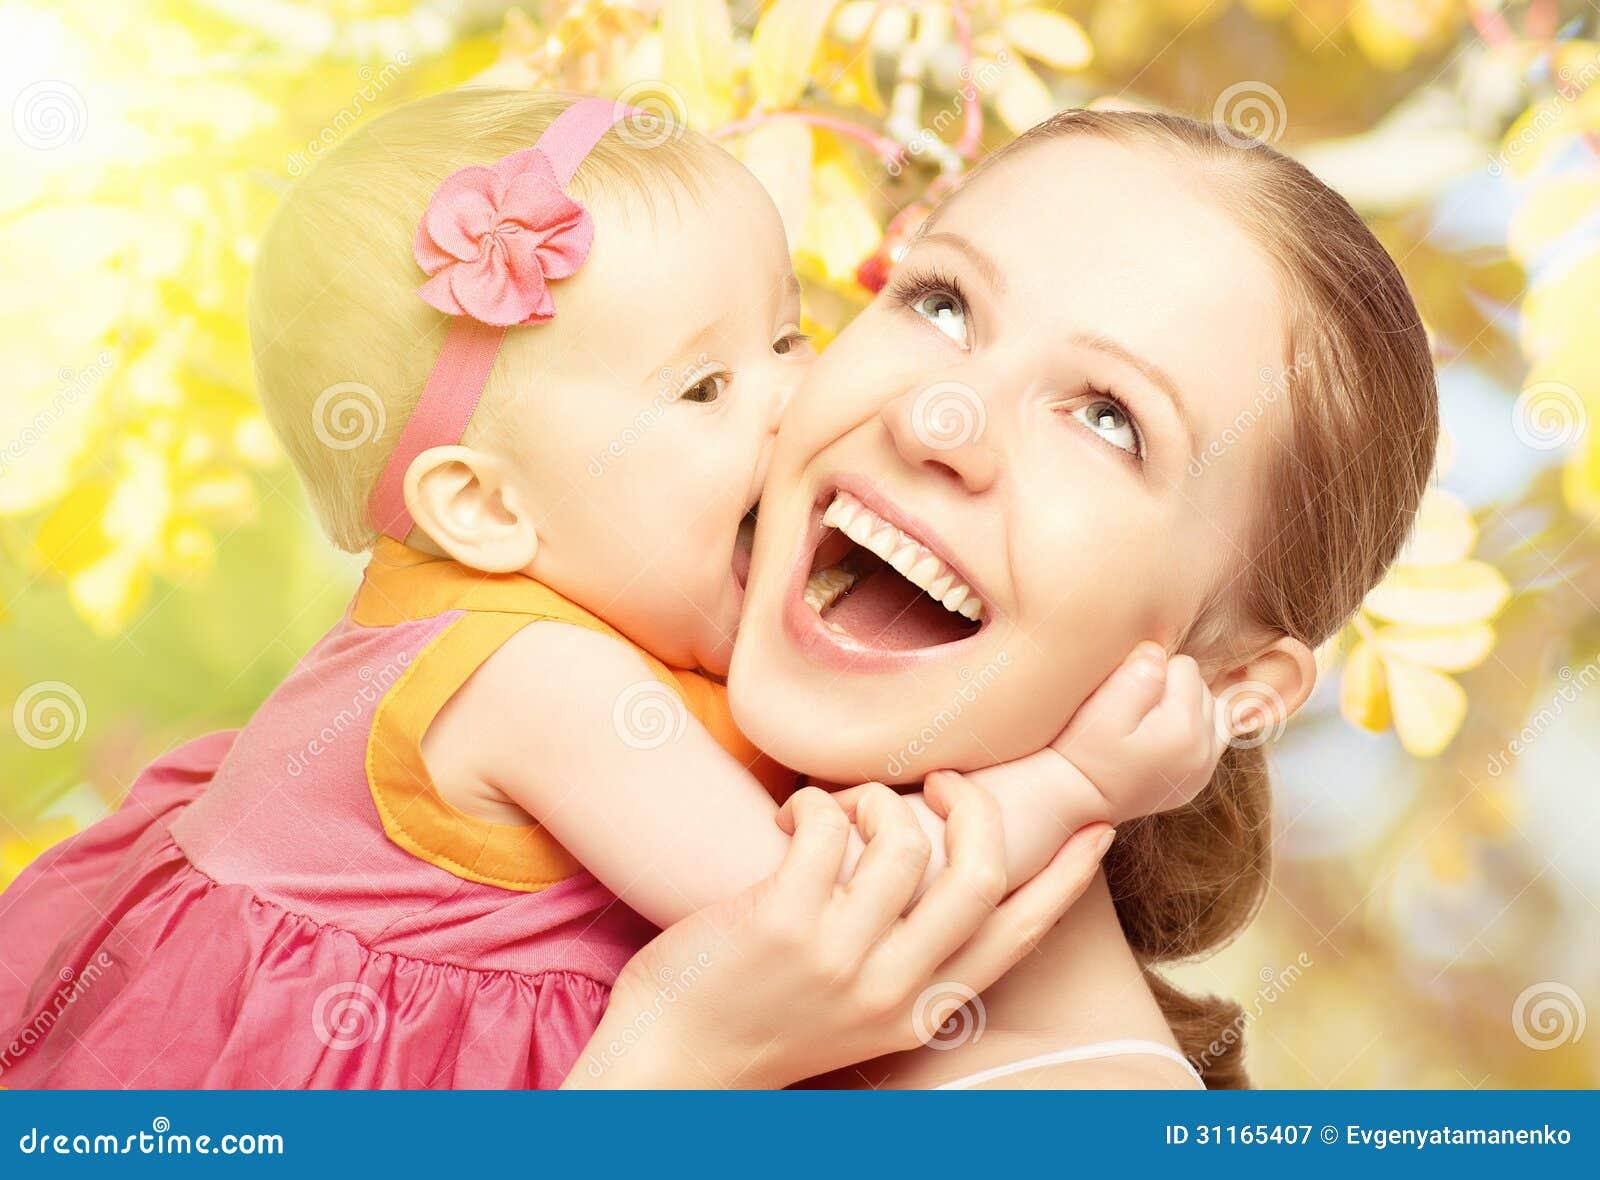 Glückliche nette Familie. Mutter und Baby, die in der Natur im Freien küsst